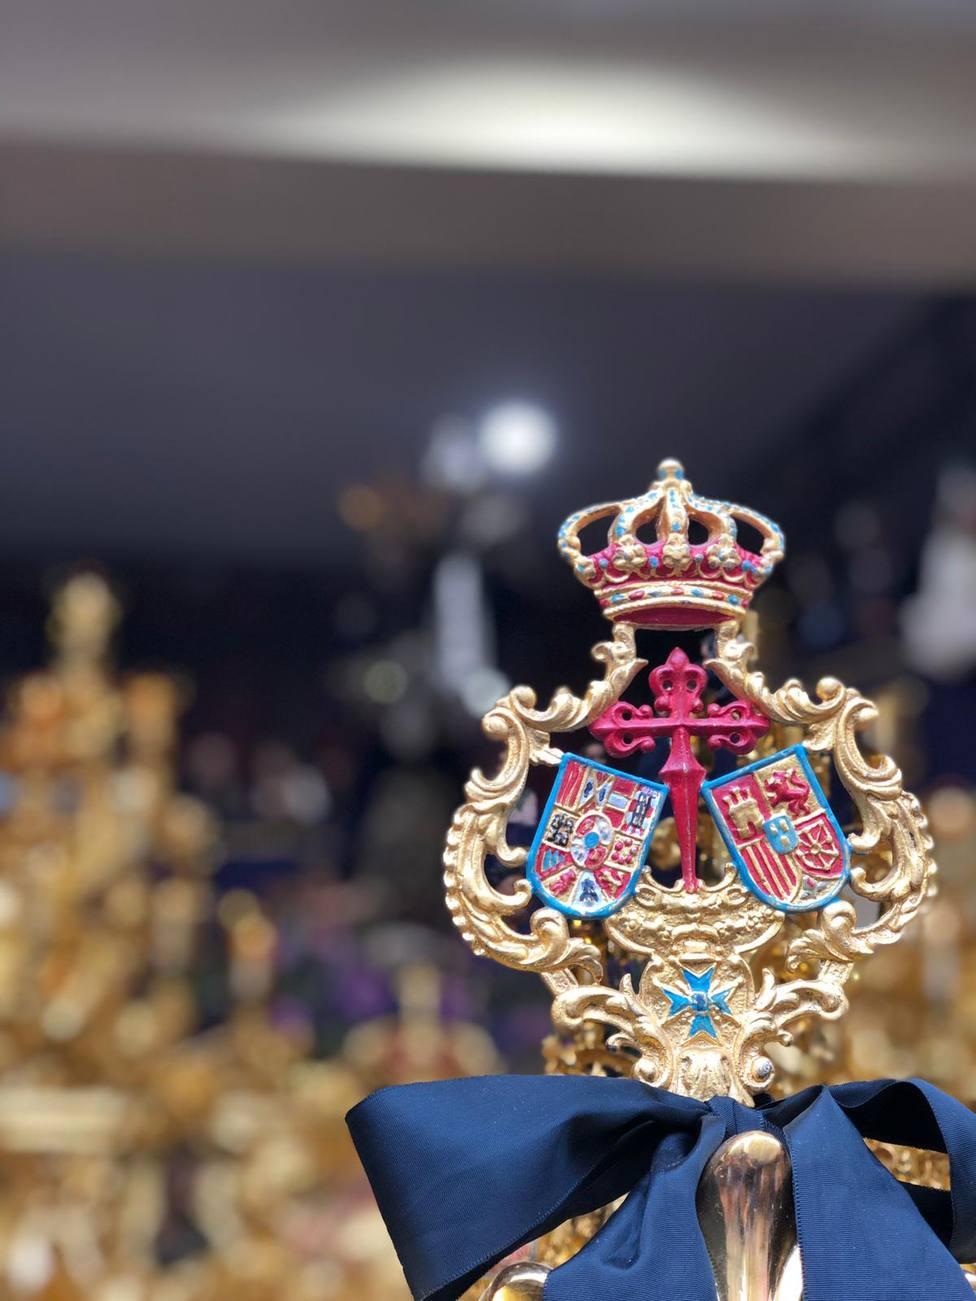 Las mejores imágenes de la Semana Santa de Málaga 2019